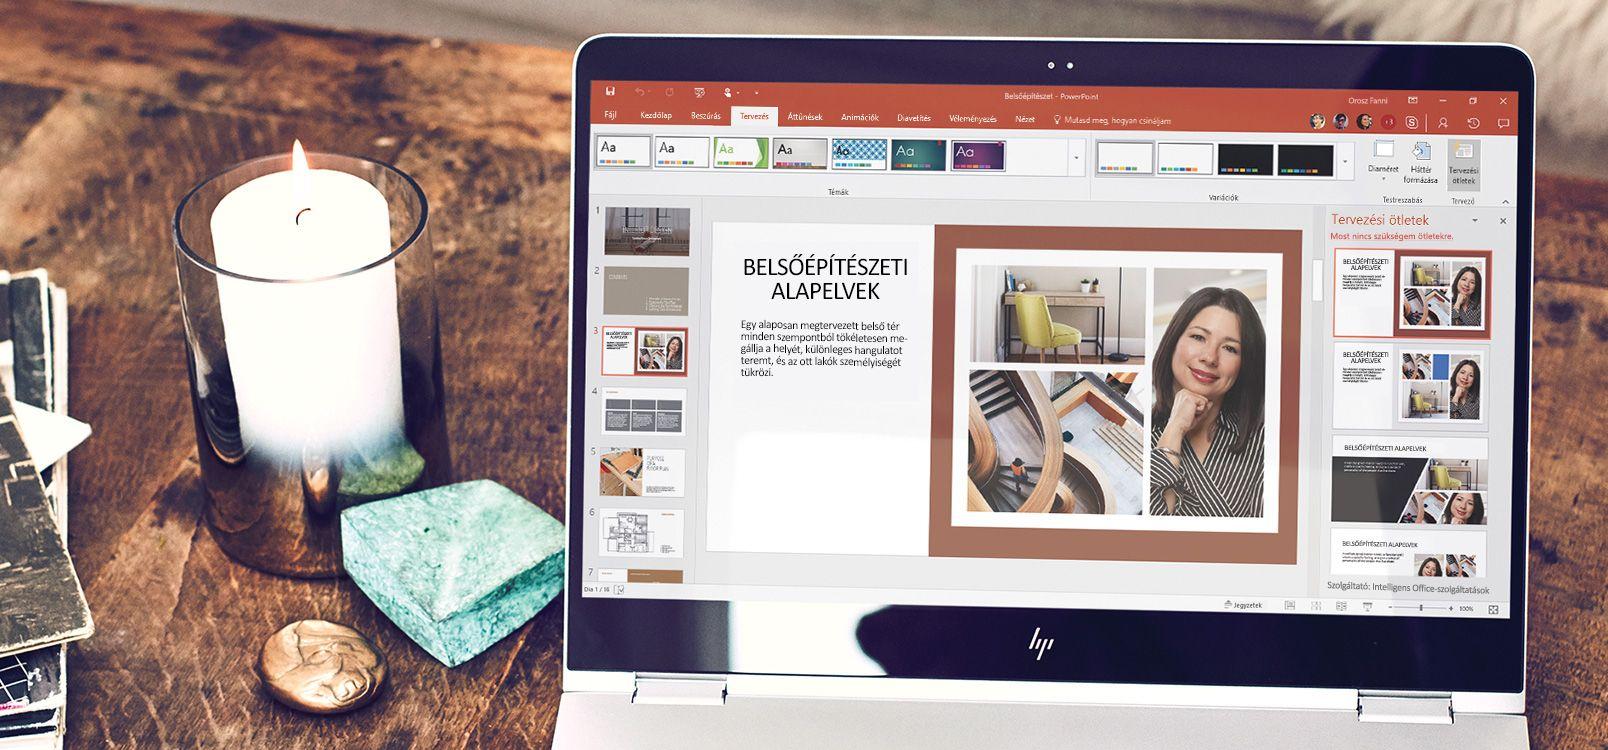 A PowerPoint Tervező funkciót használó PowerPoint-dokumentum egy laptopon